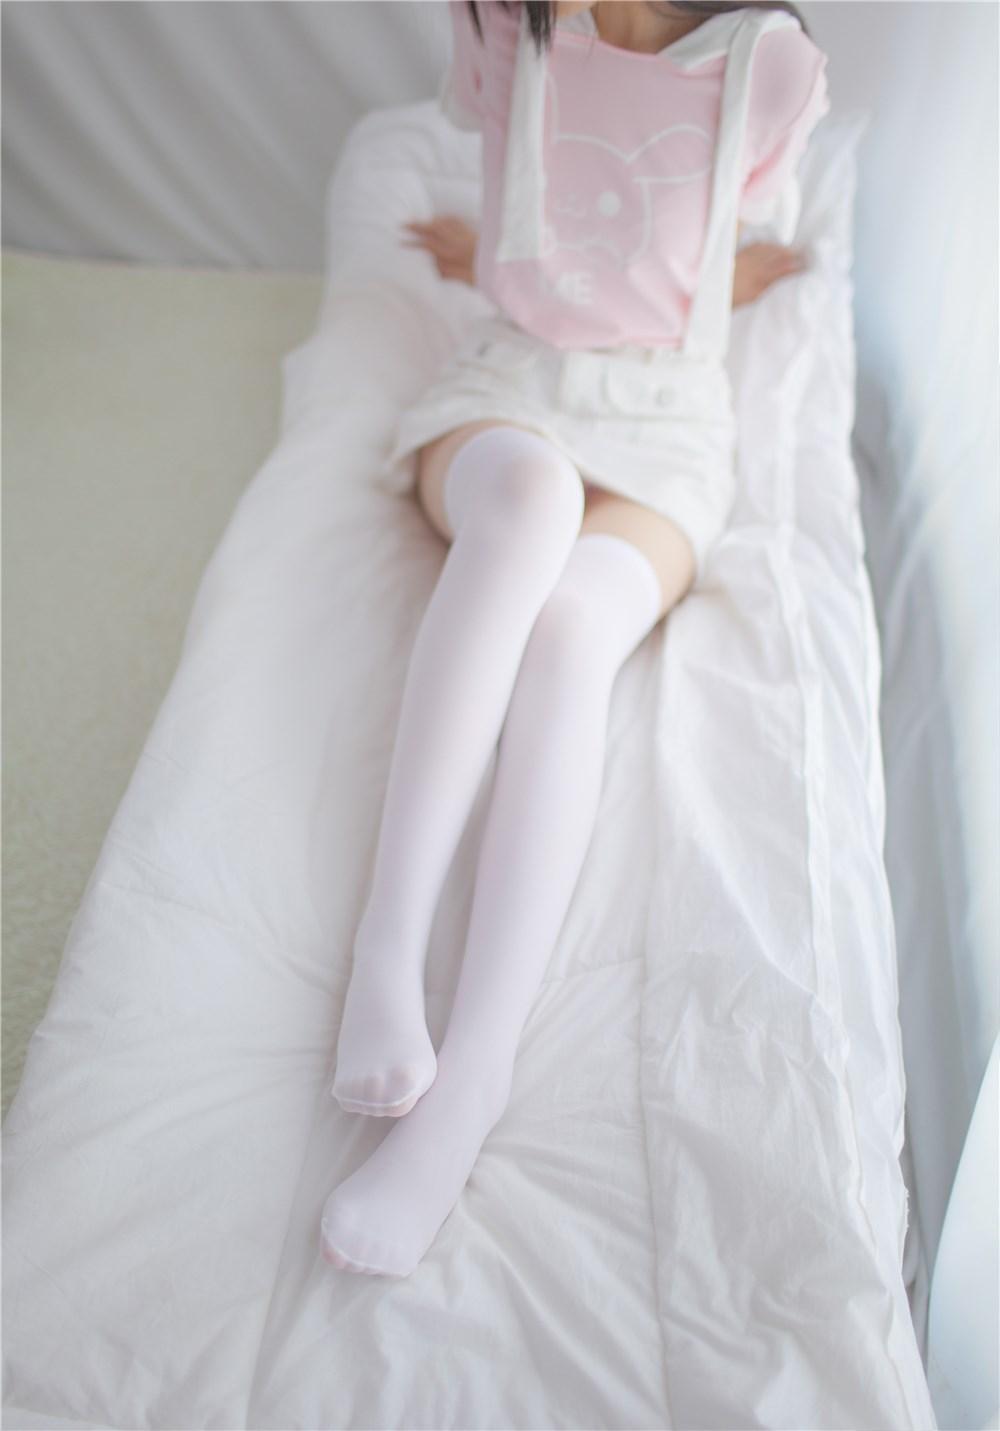 【兔玩映画】粉白的兔叽 兔玩映画 第14张